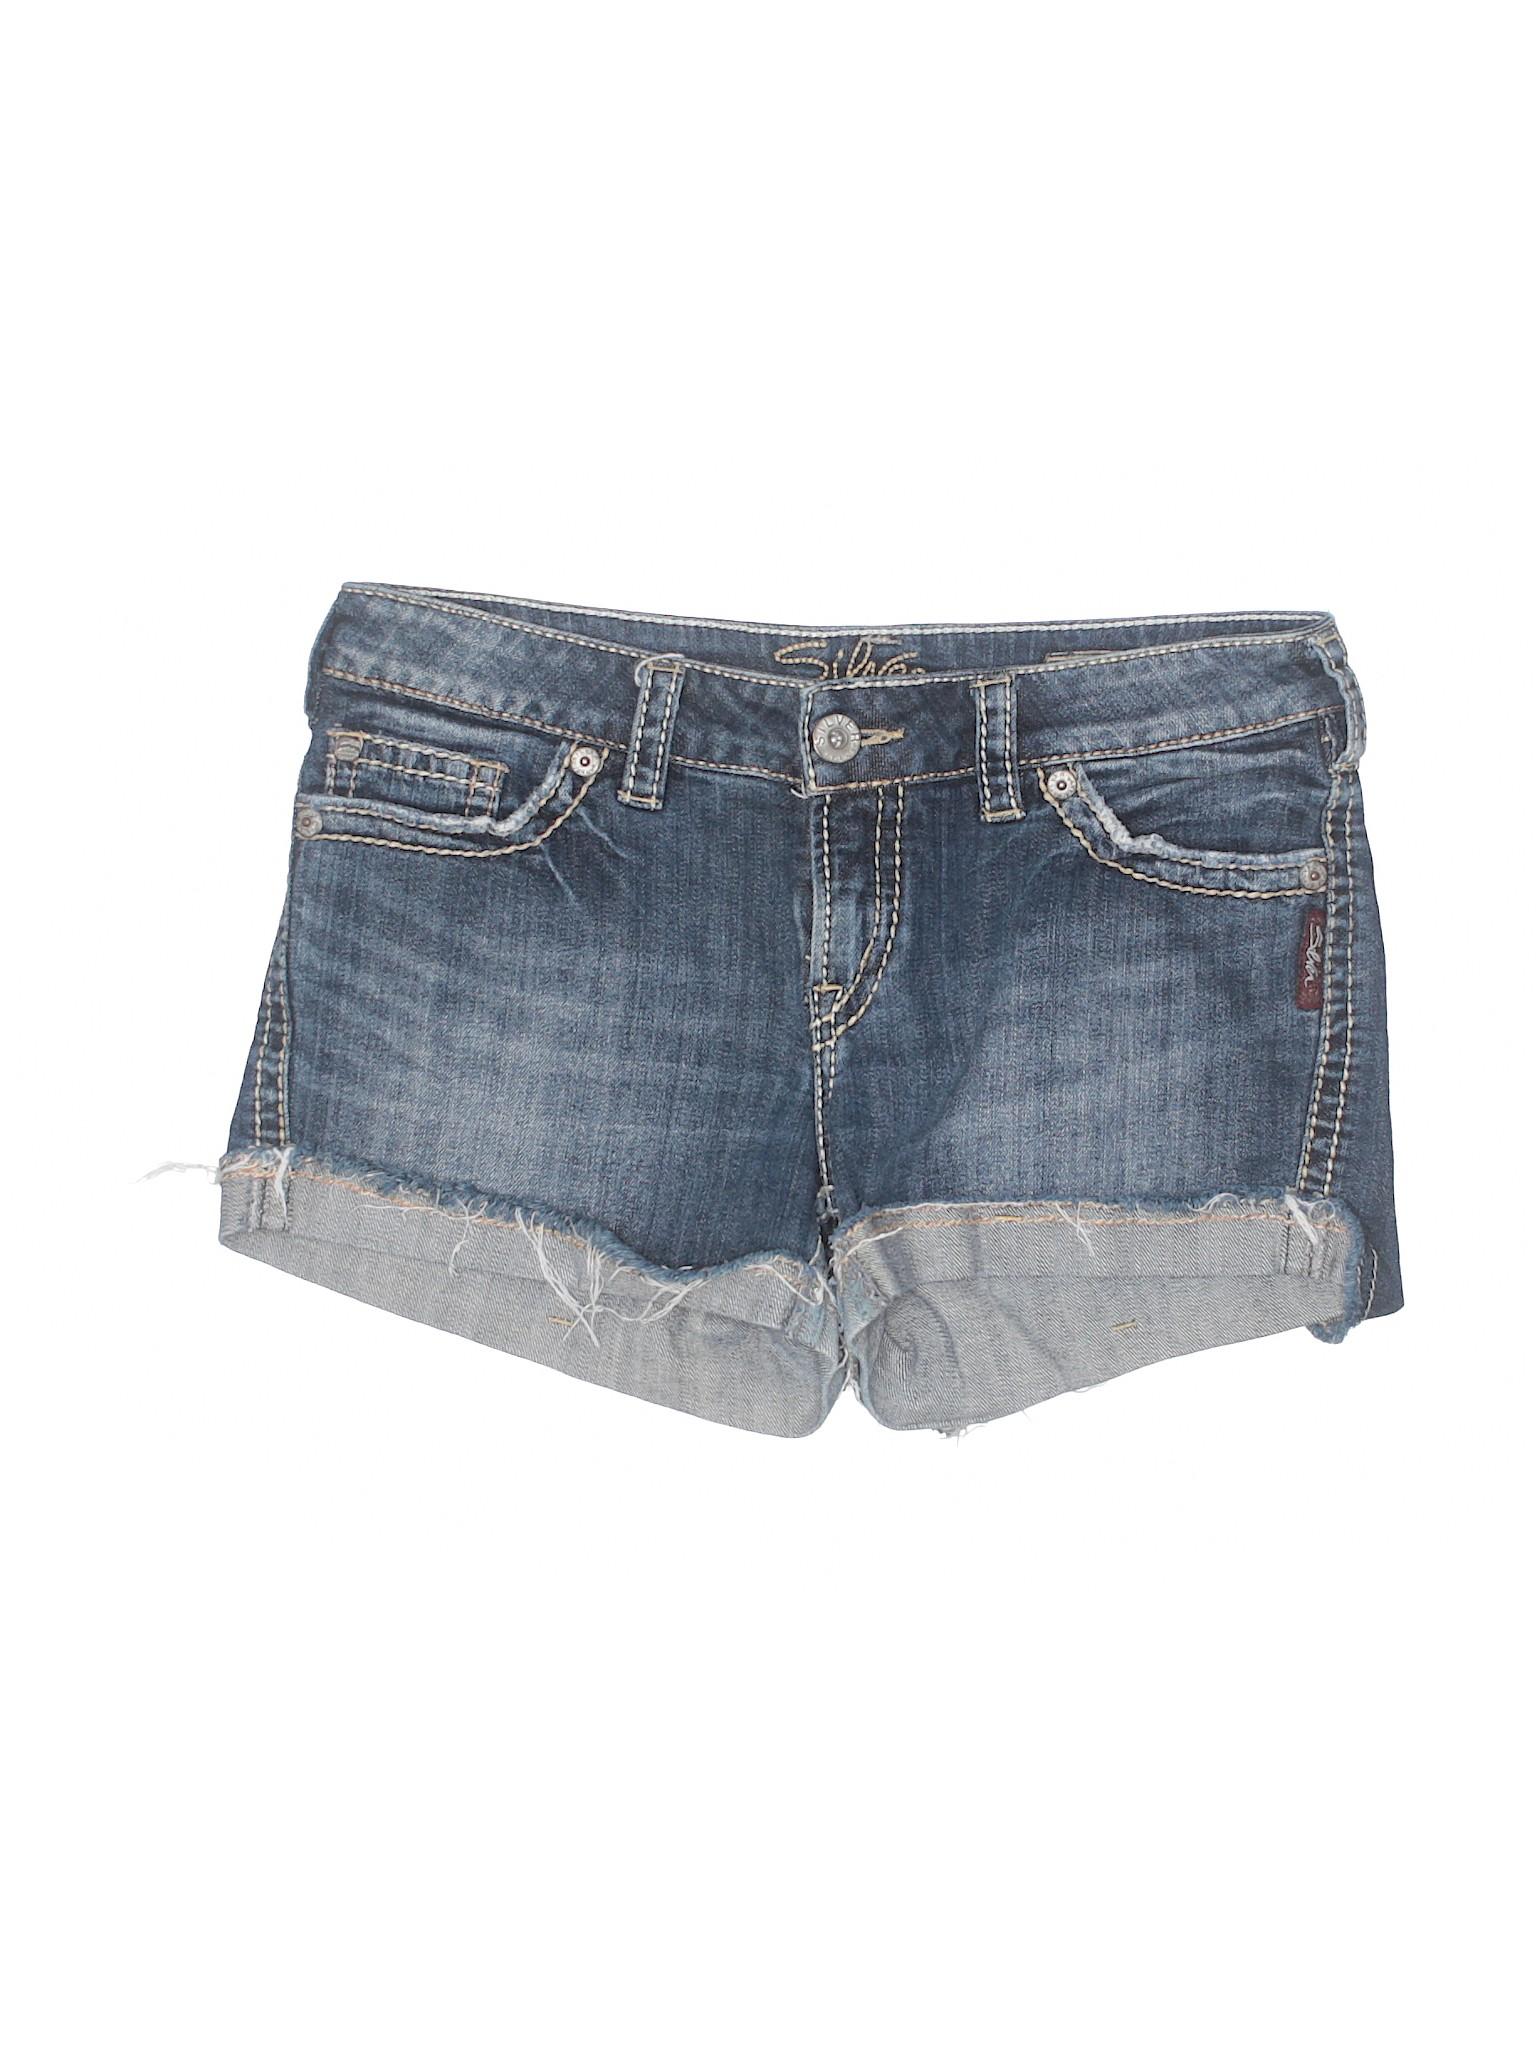 Silver Denim Shorts Boutique GfXcicNA8R Jeans AwadPnq67